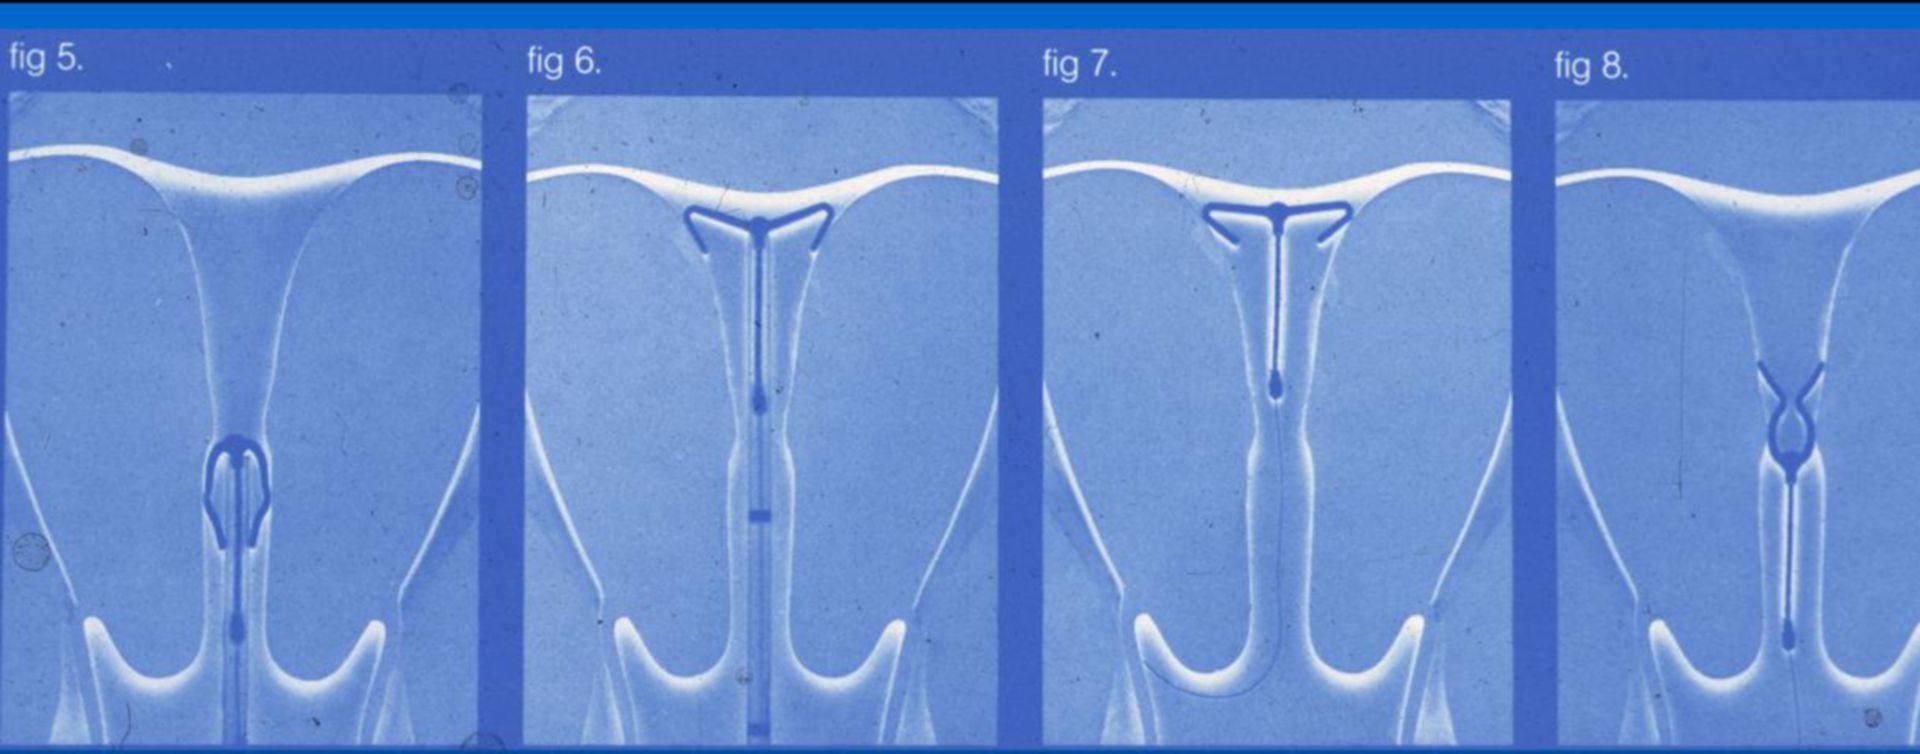 Flexi-T - dispositivo intrauterino